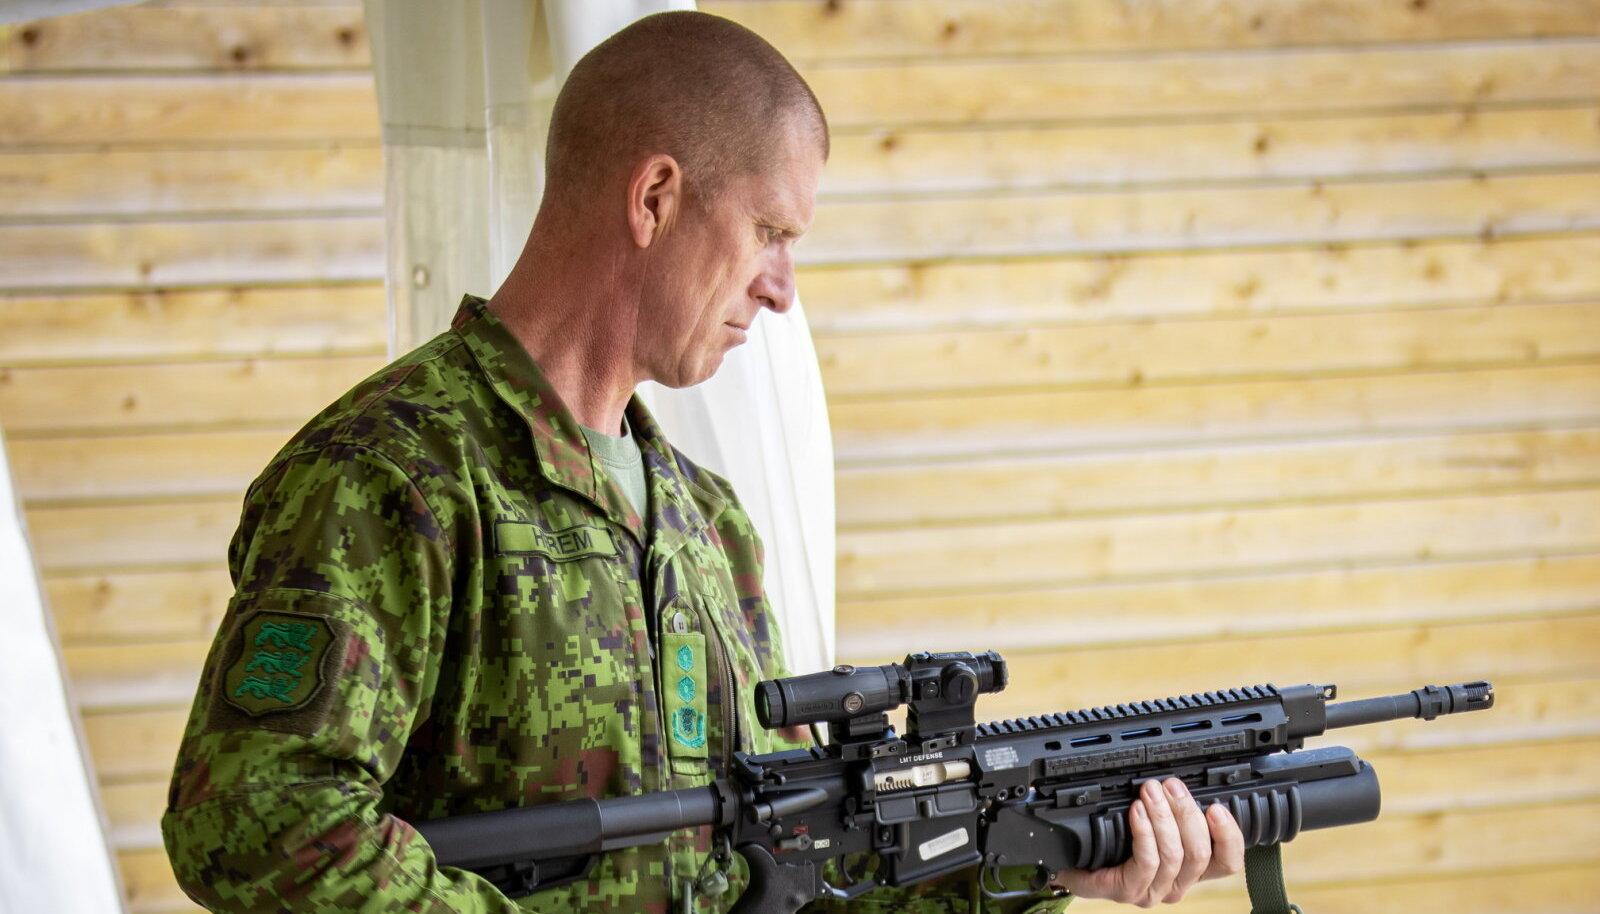 R20 külge kinnitatud M203 kaitseväe juhataja käes. (Foto: Valner Väino, ajakiri Sõdur)